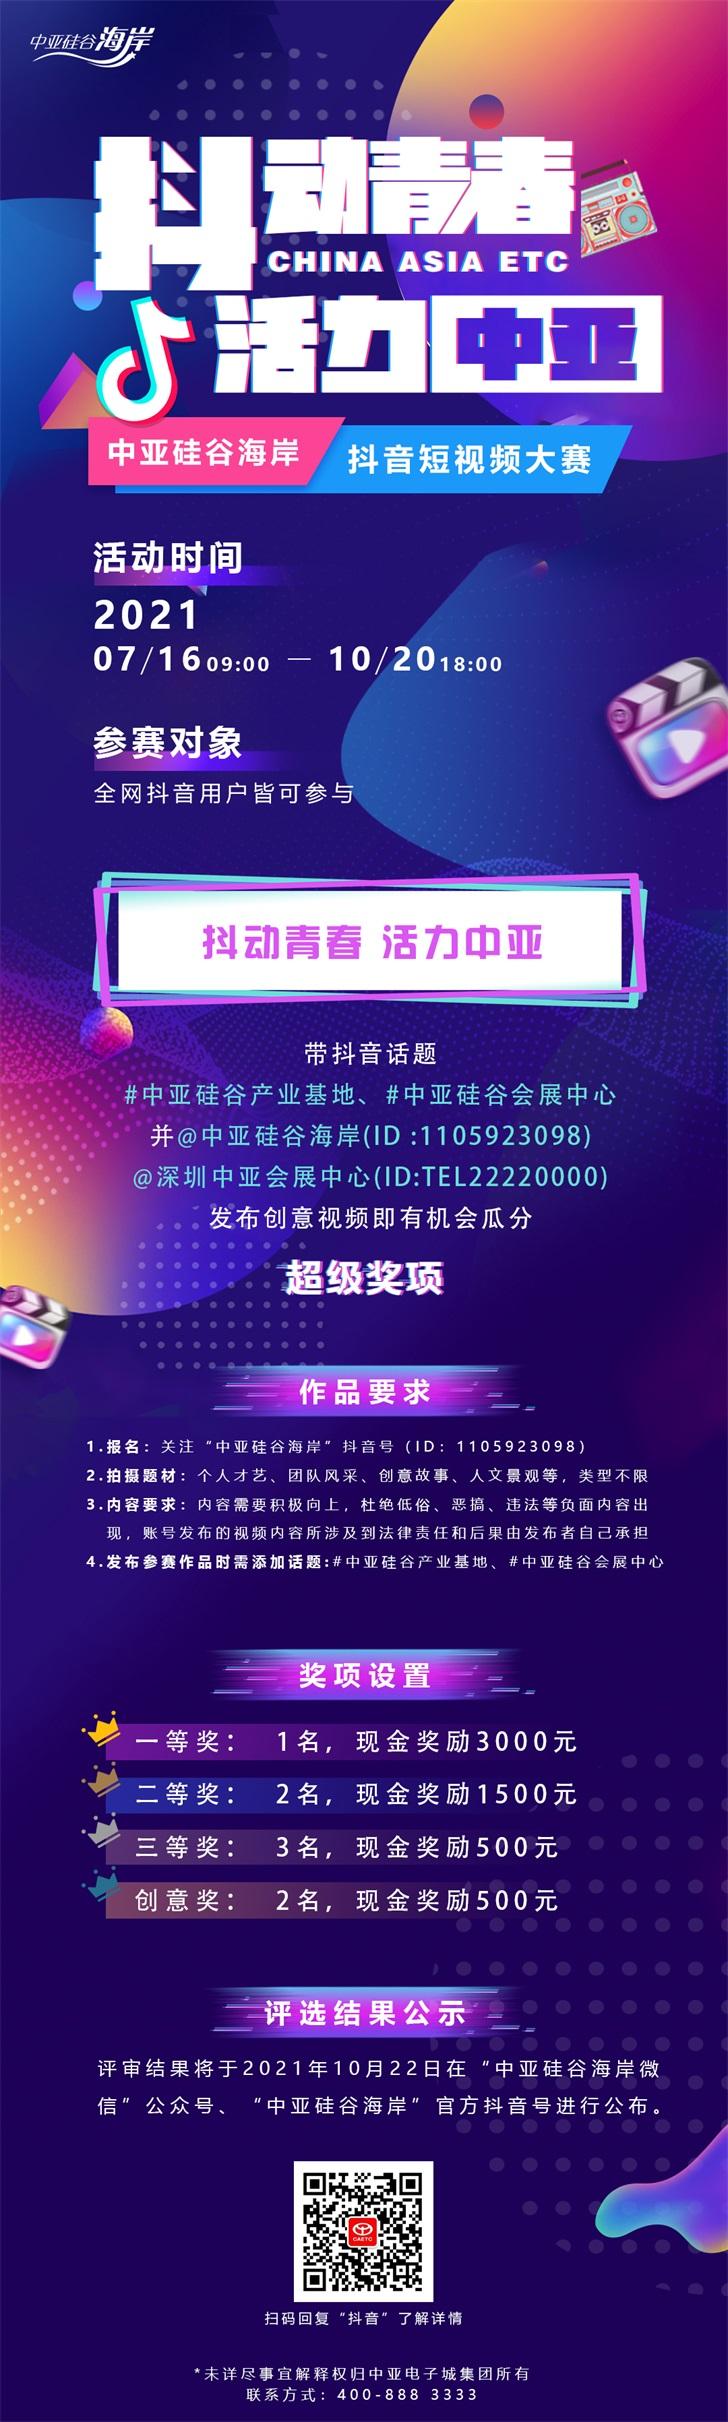 机会又又又来了!中亚硅谷抖音大赛@你,交作品啦!(图5)